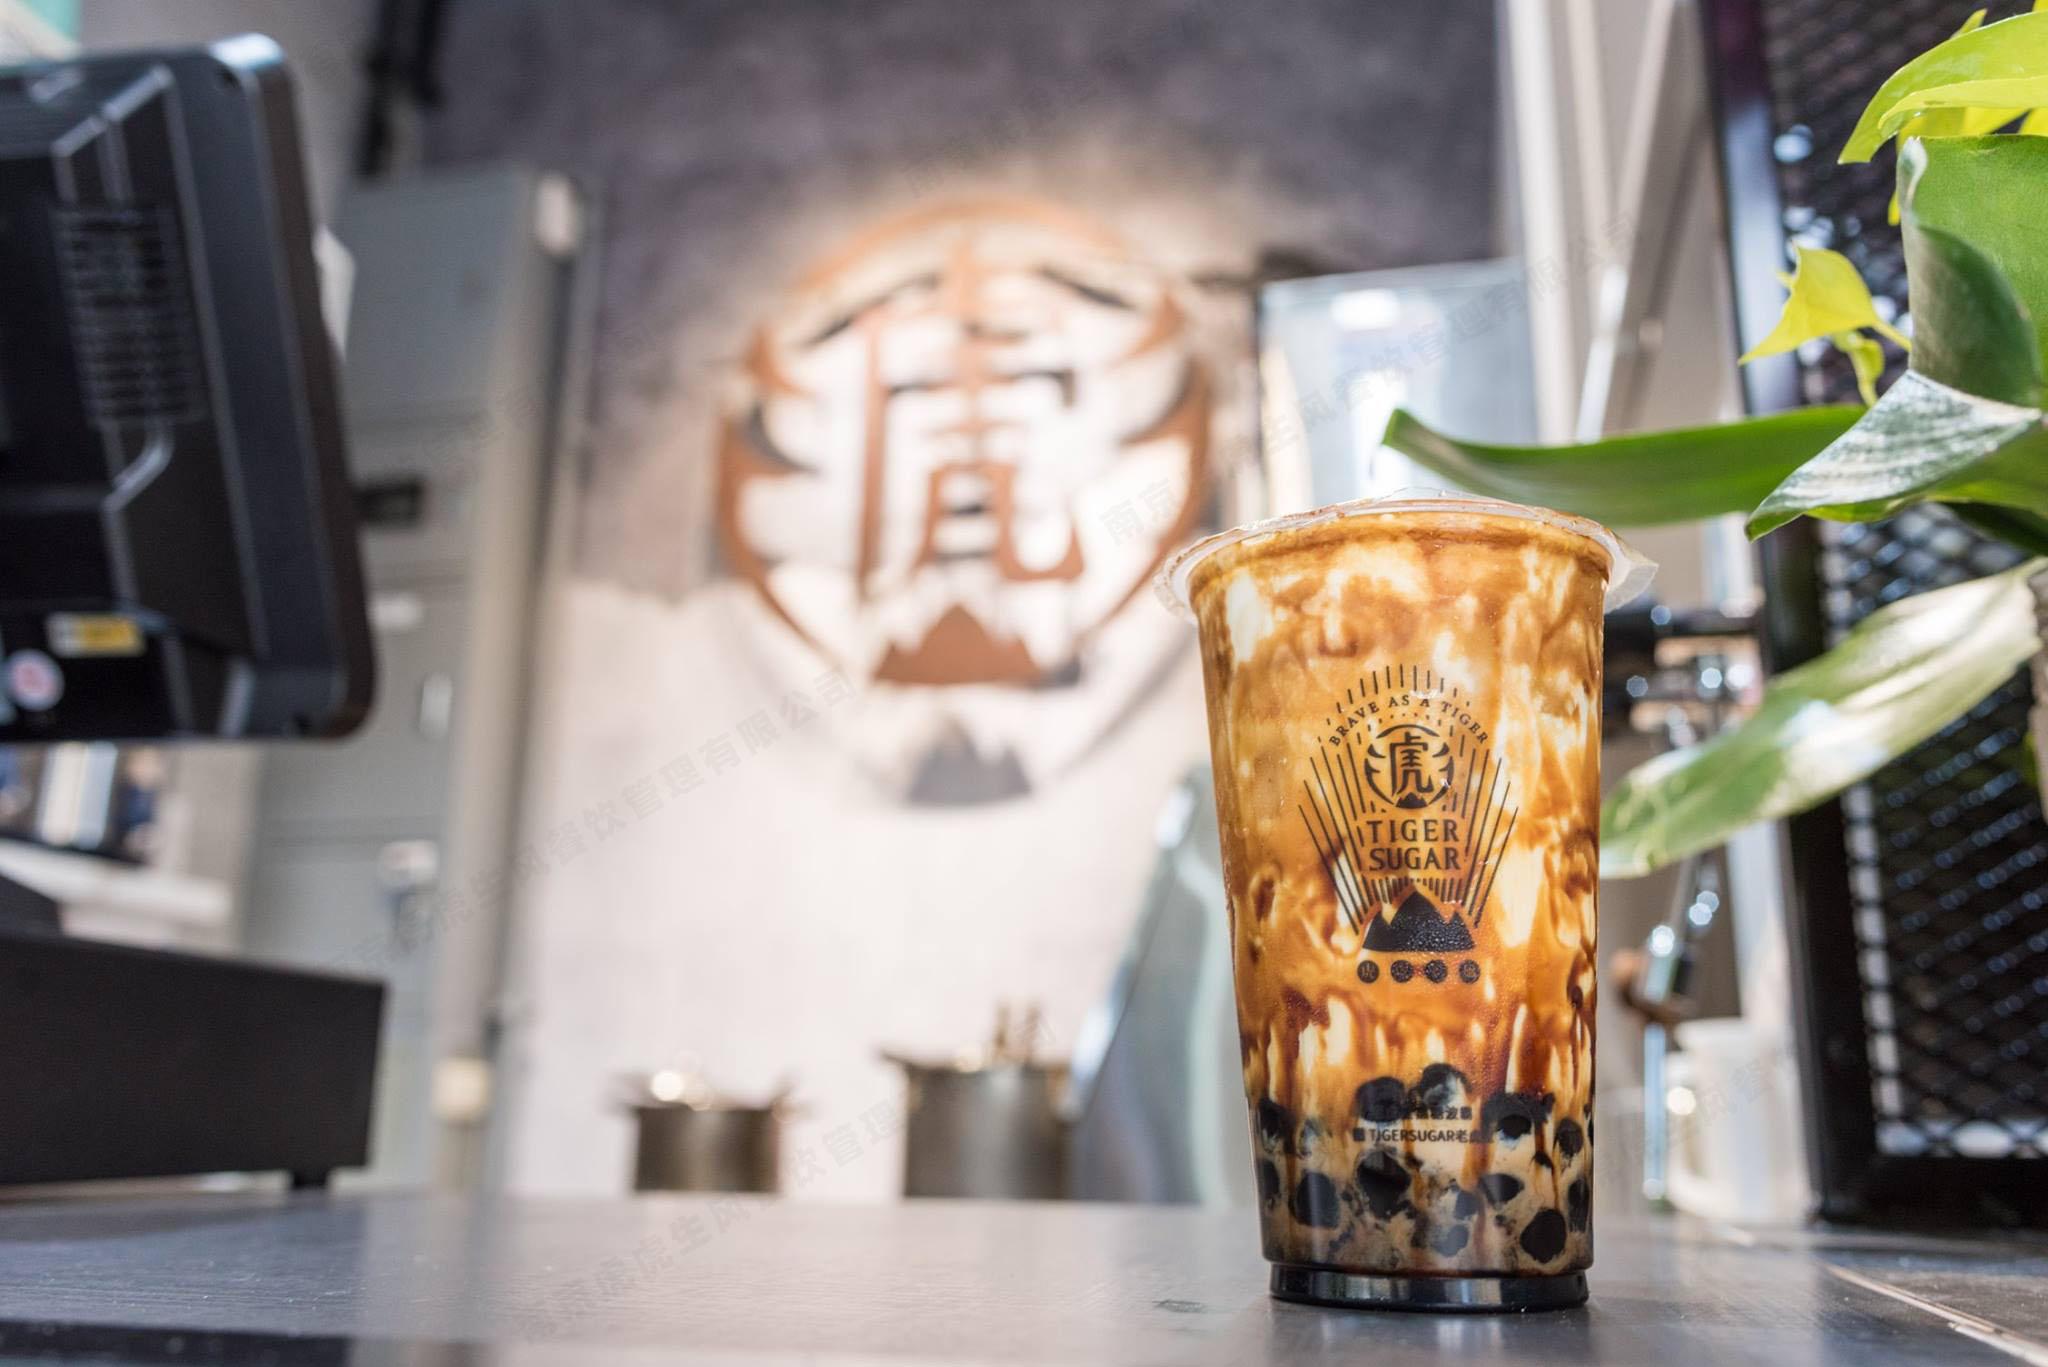 中国新式茶饮市场4000亿元远超咖啡,老虎堂TIGER SUGAR独占鳌头 (图1)